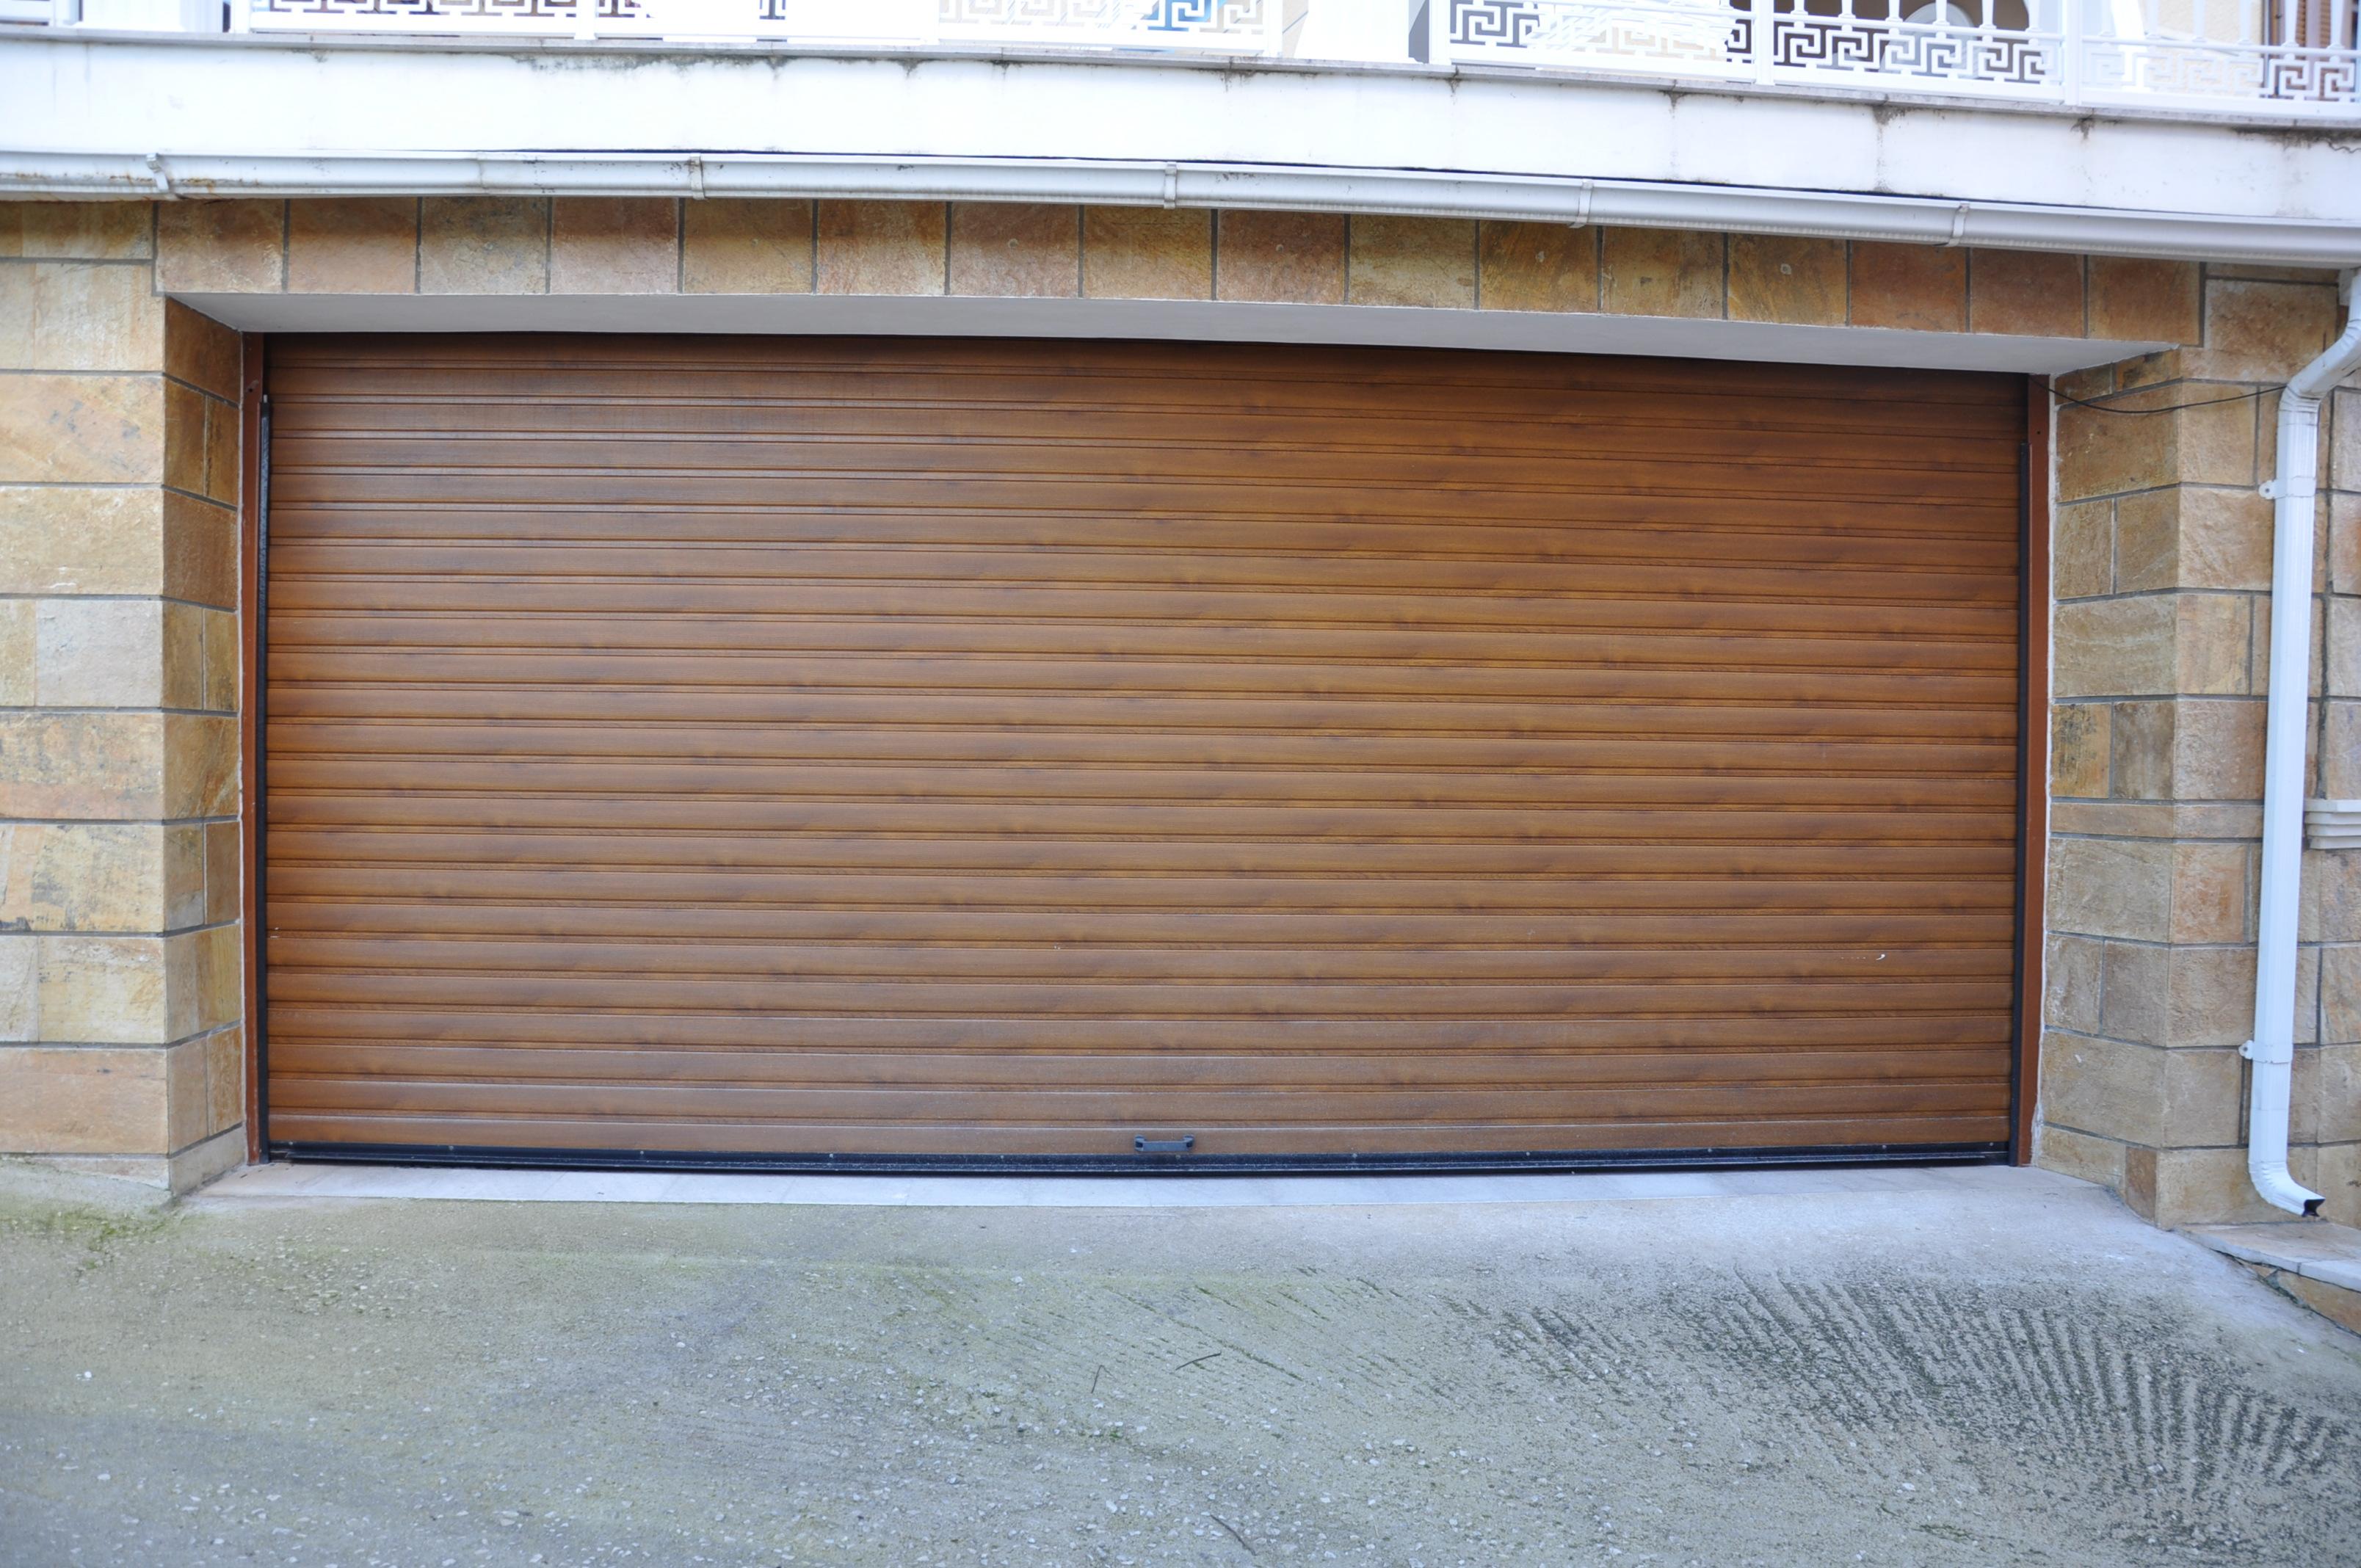 Industrial Garage Rolling Shutters Garage Doors Glavas Aluminum